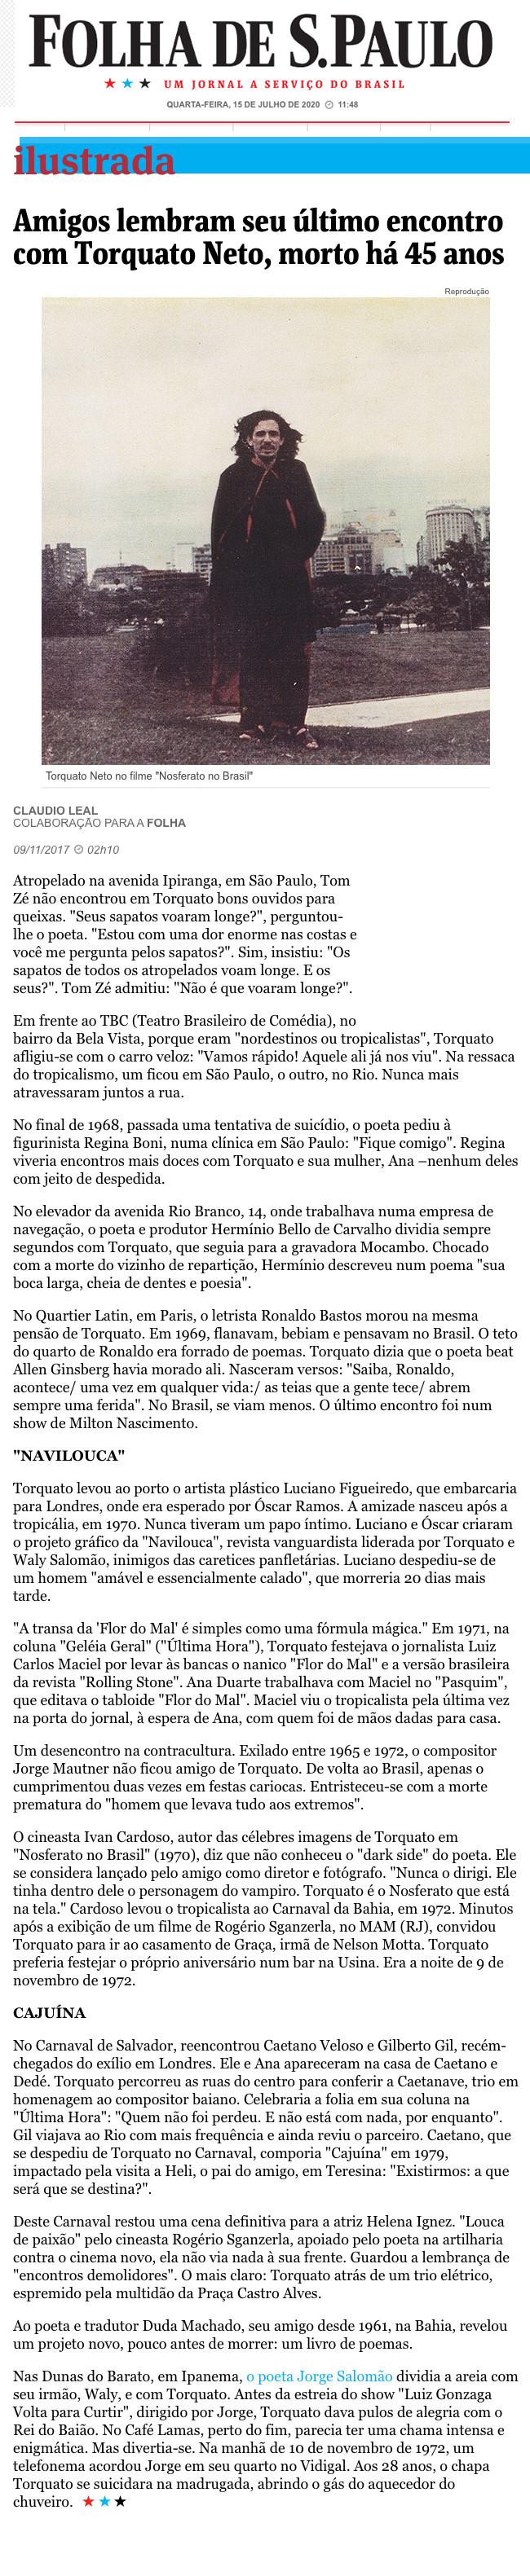 Folha-de-SP-Torquato.jpg